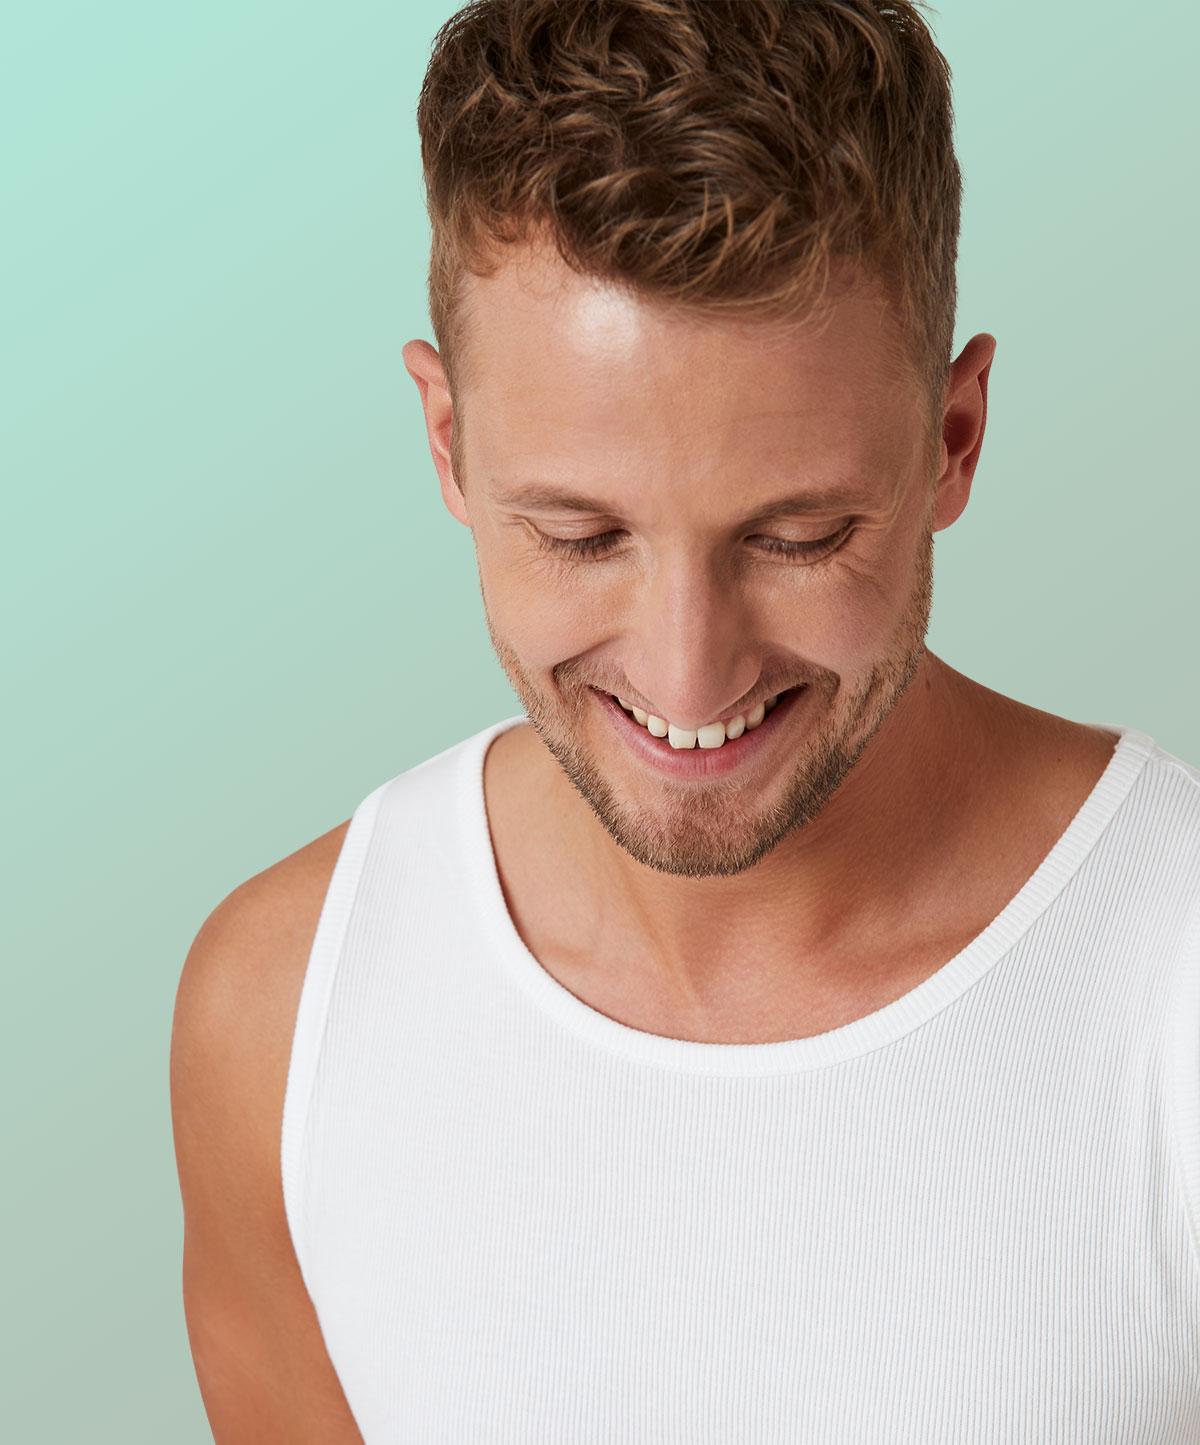 Hübscher Mann lächelt und schaut auf den Boden